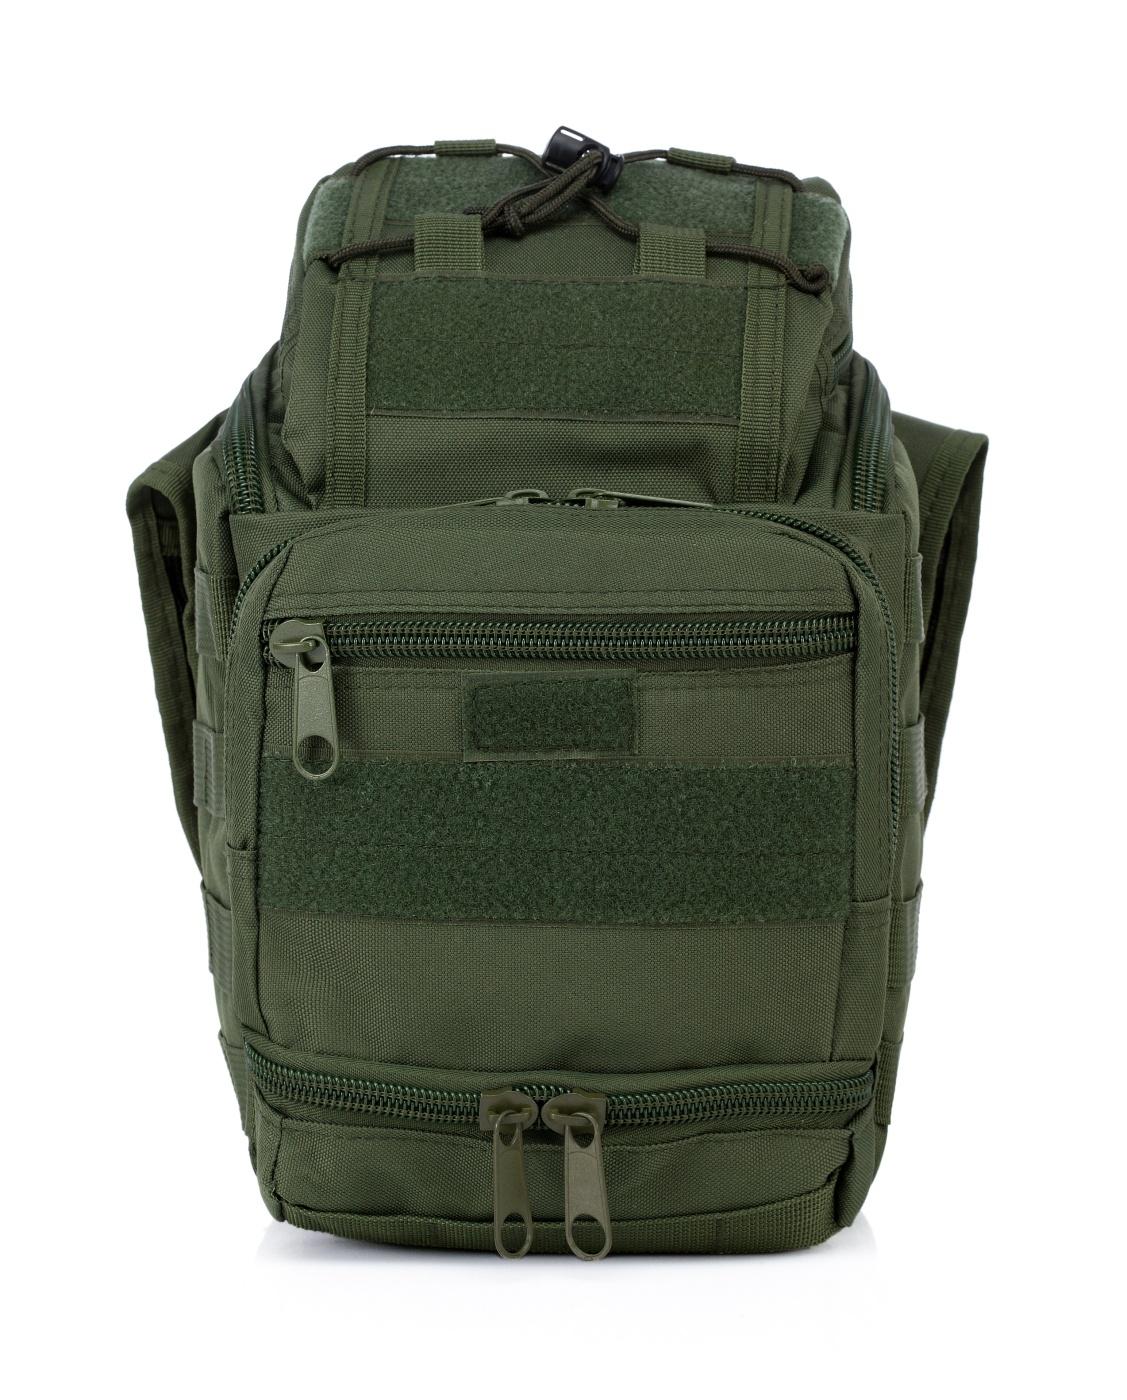 Походная мини-сумка через плечо для камеры купить недорого